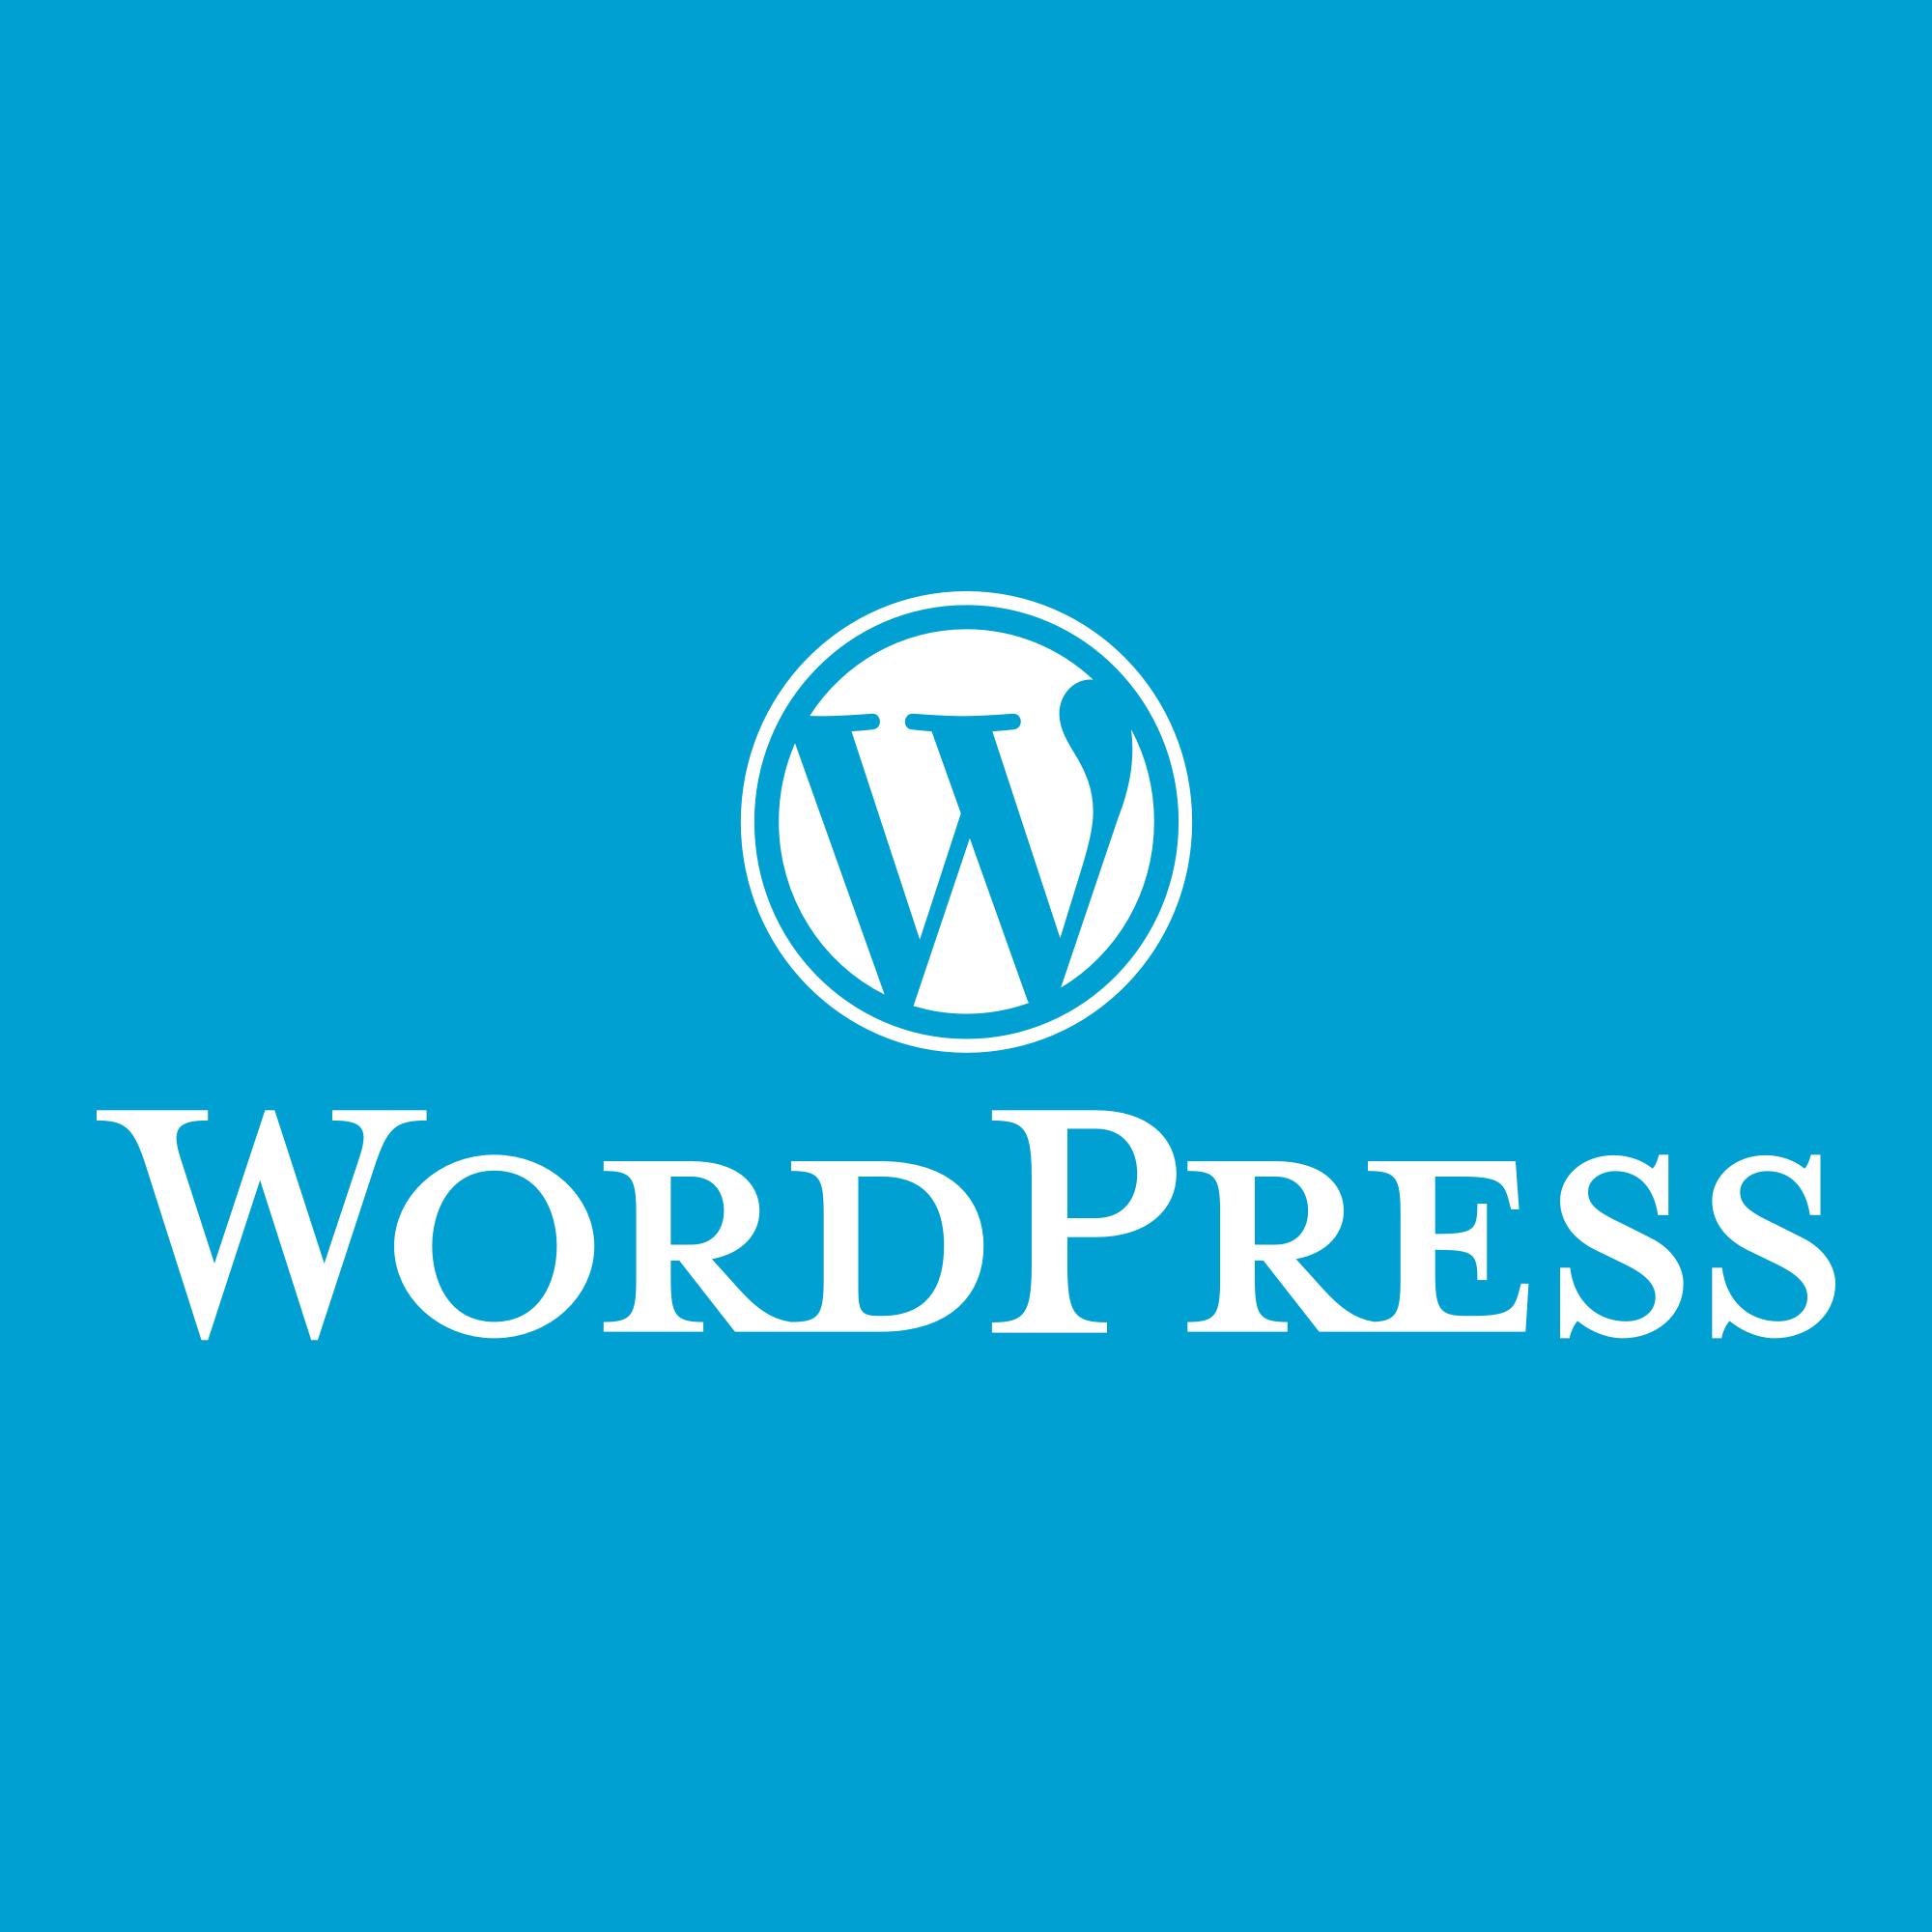 با بکارگیری این نکات اقدام به بهینه سازی سایت وردپرس خود کنید